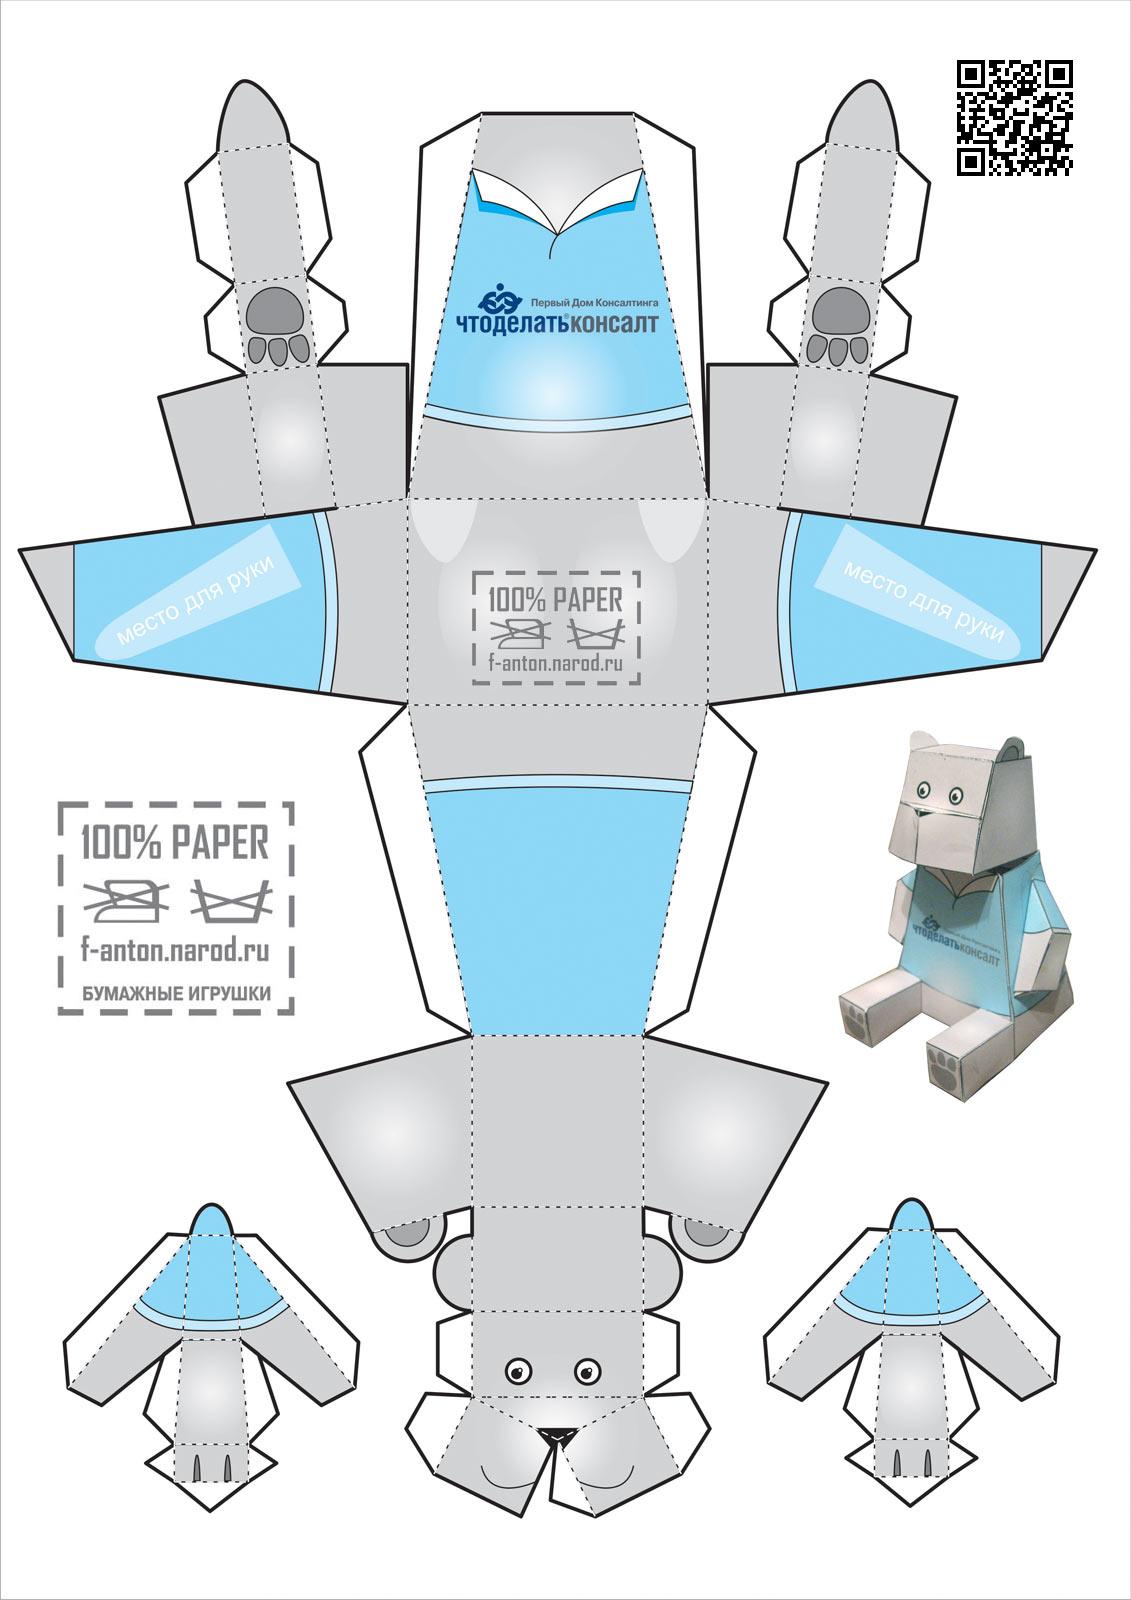 Как сделать бумажную игрушку своими руками